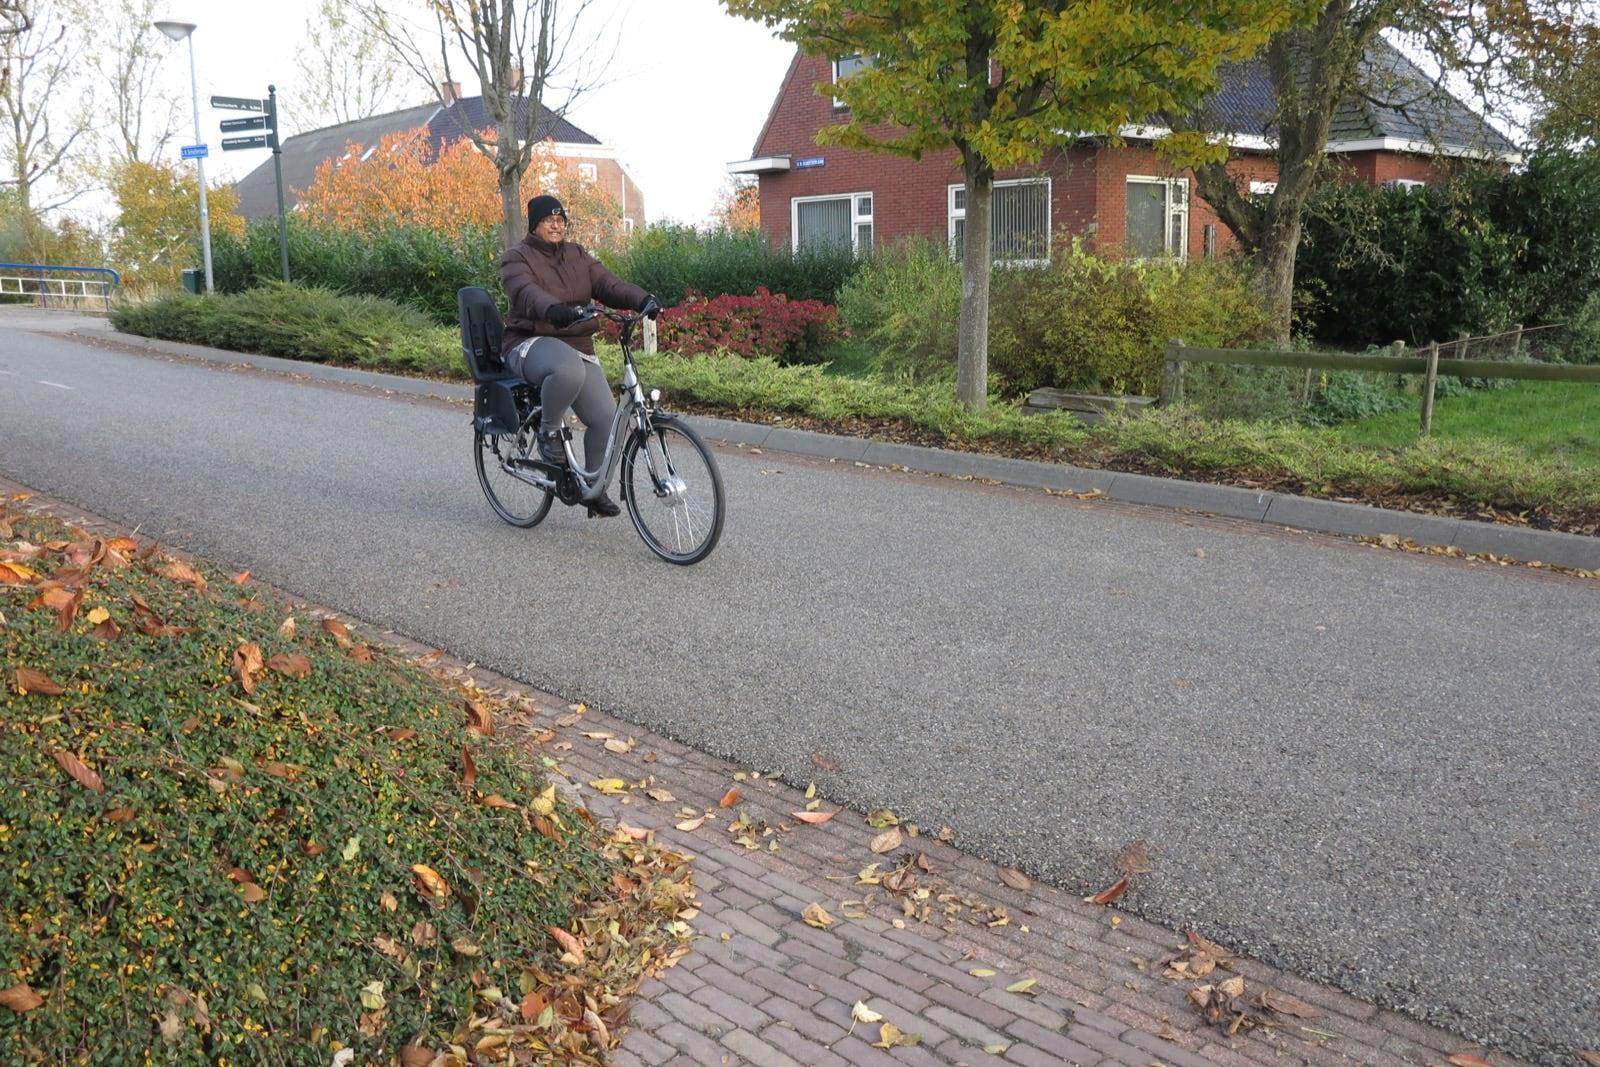 et-fiets-en-fietser-105-maya-van-dijken--bakkerstraat-oi.jpg